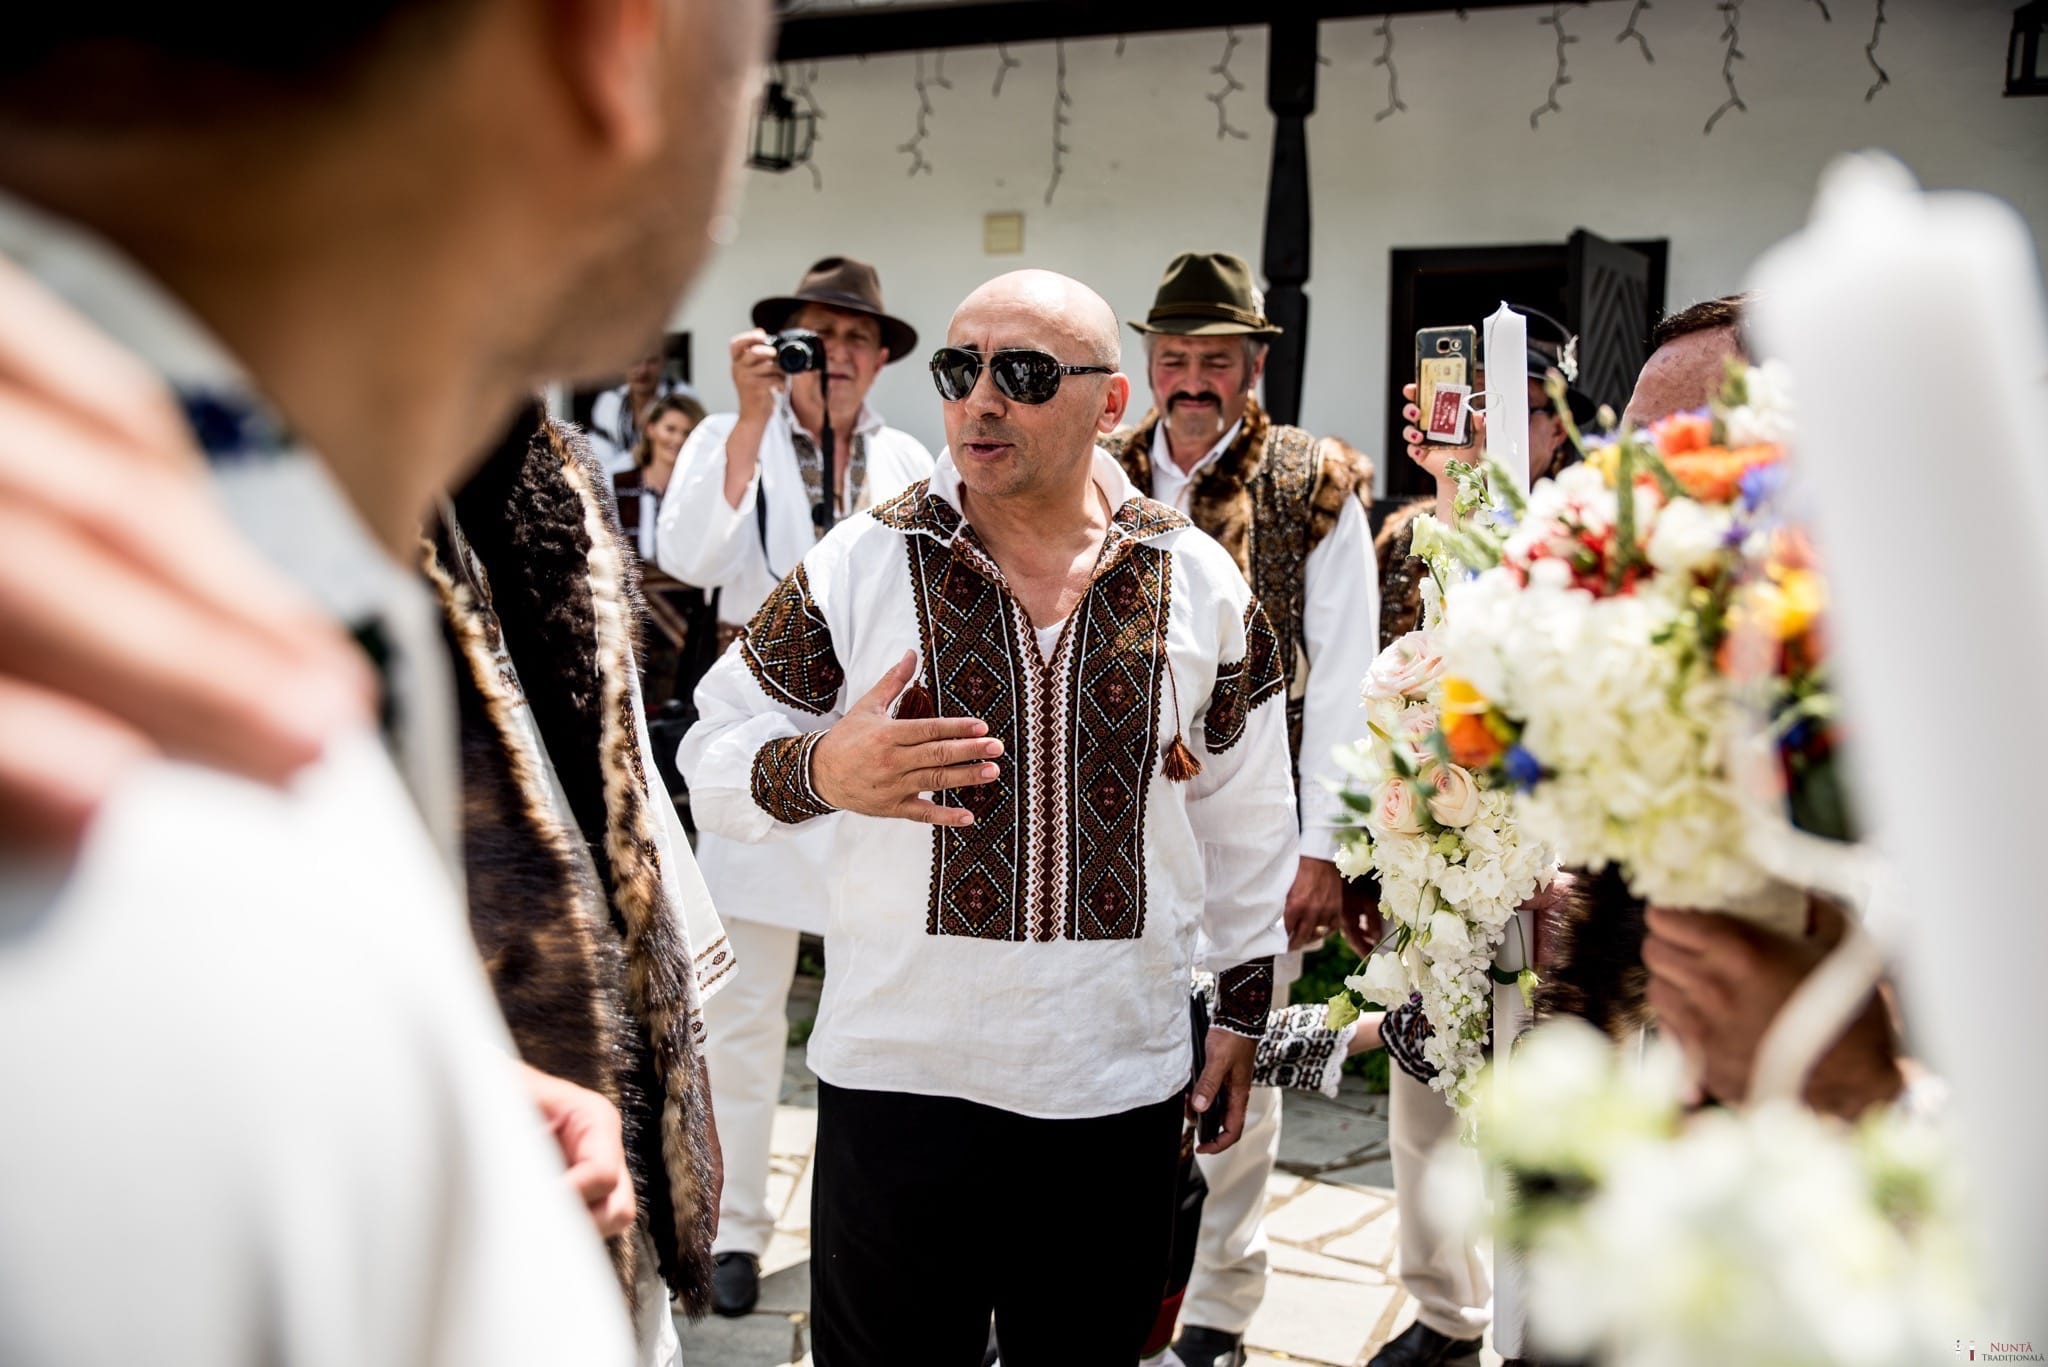 Povești Nunți Tradiționale - Irina și Alexandru, nuntă în Câmpulung Moldovenesc, Suceava 15